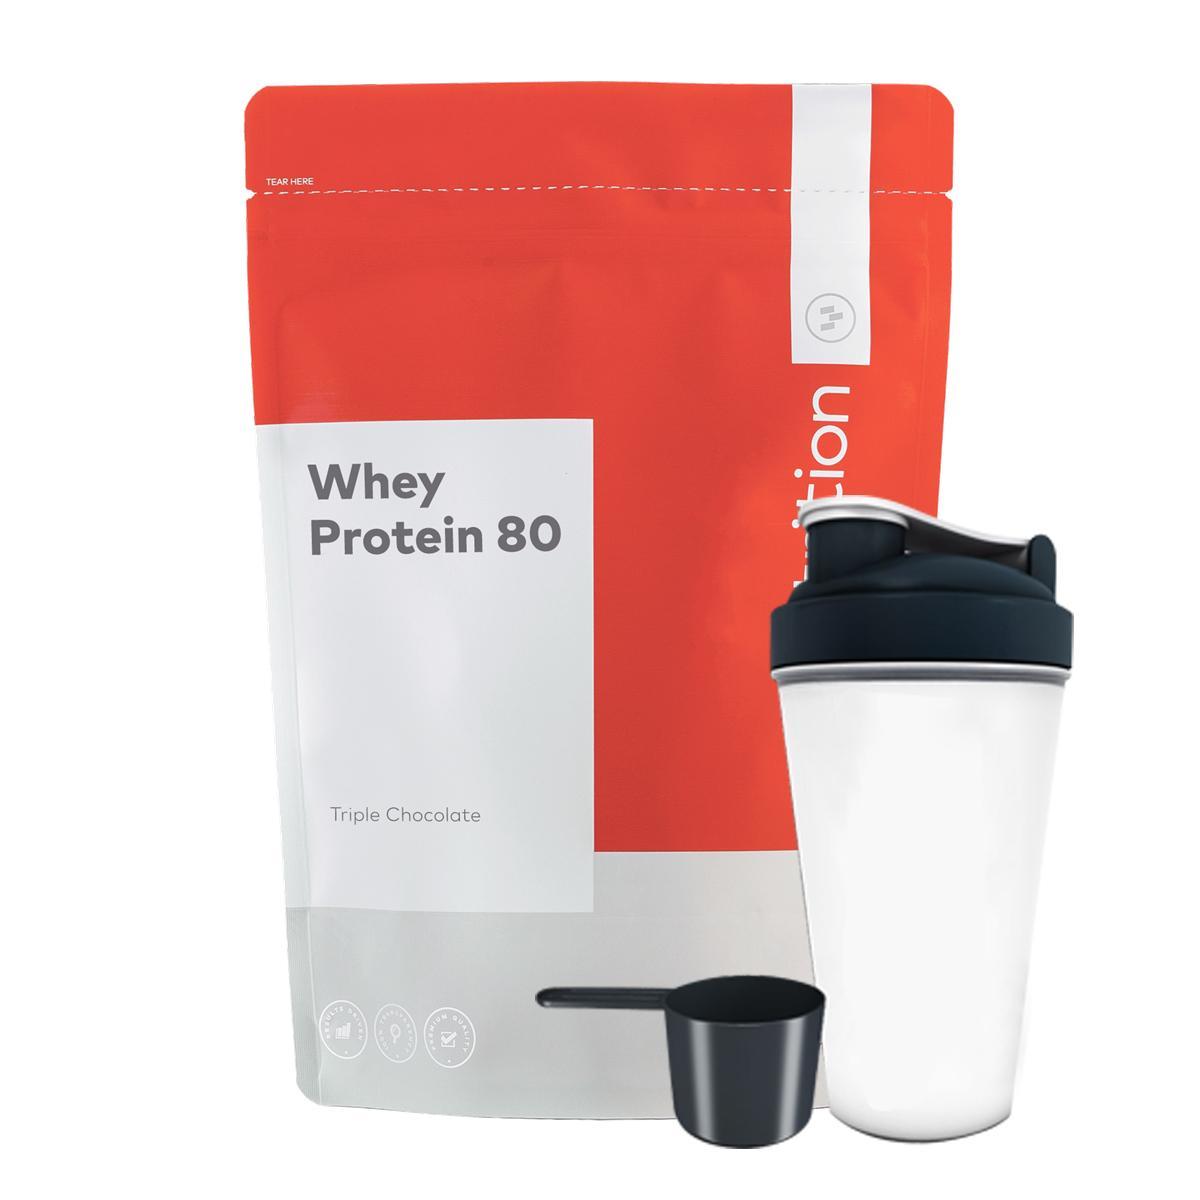 Combo Sữa tăng cơ - whey protein 80 - Go Nutrition - 1kg 40 lần dùng & Bình lắc 700 ml